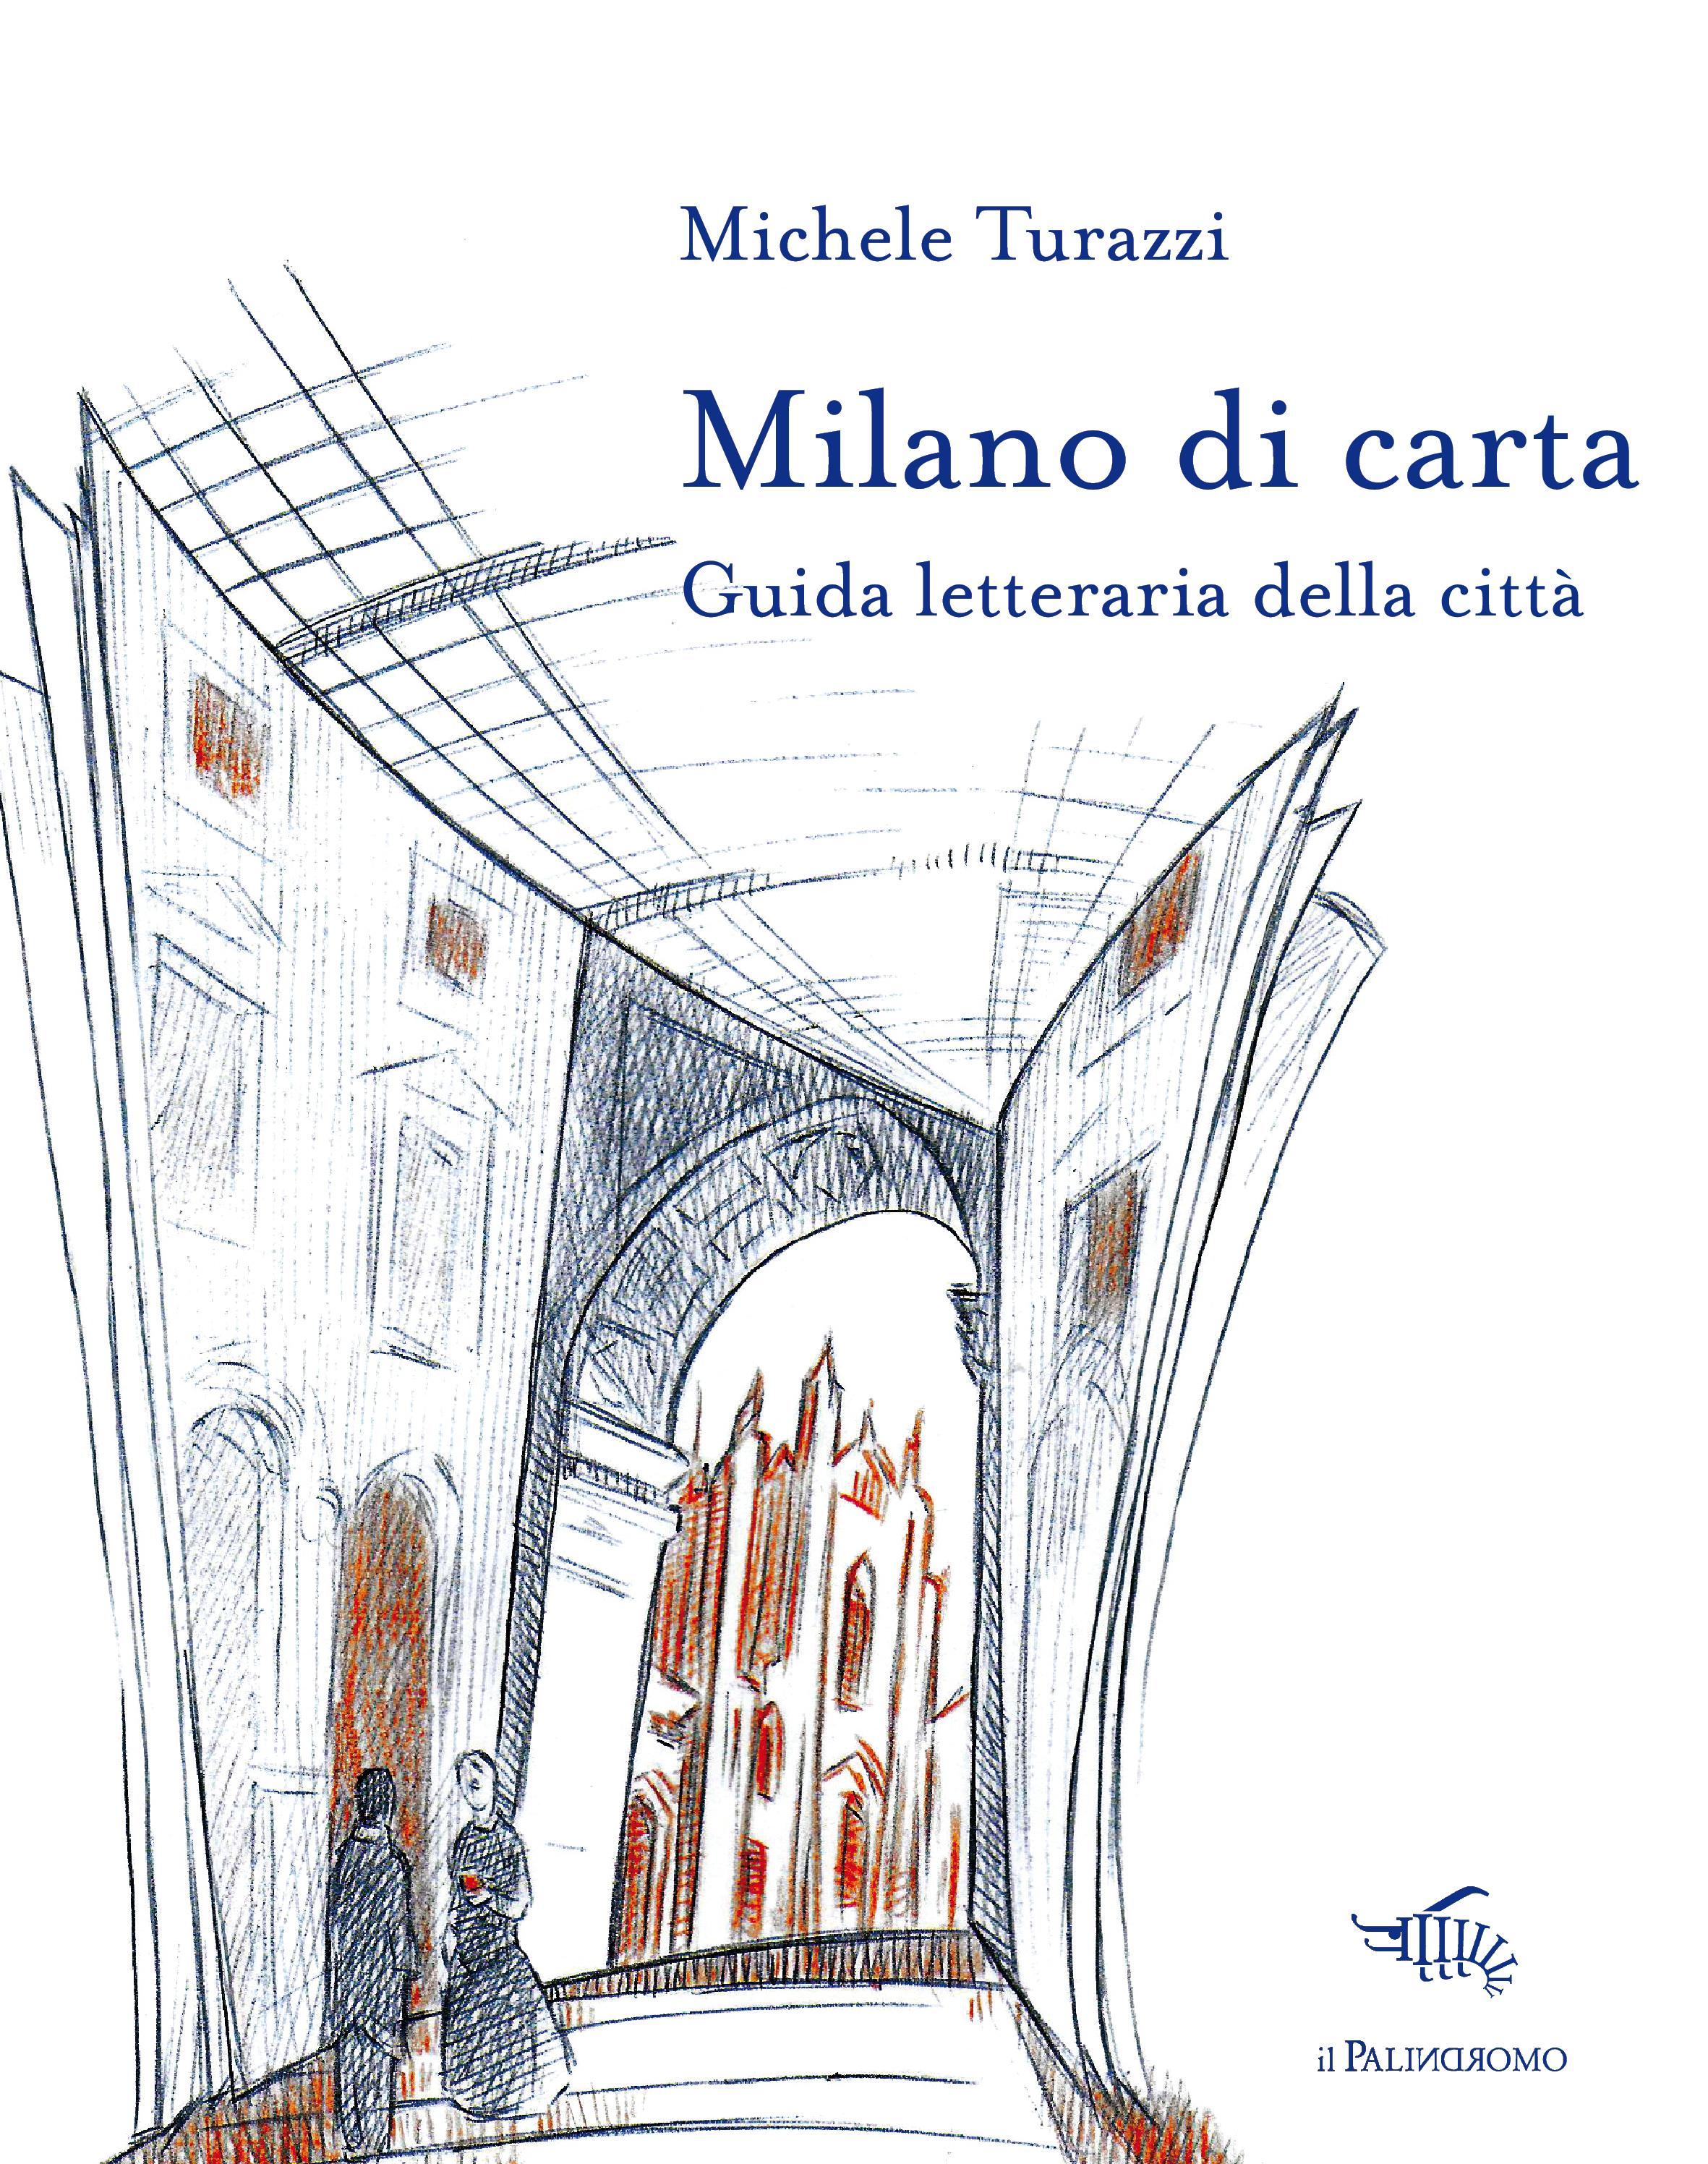 Autore: Michele Turazzi